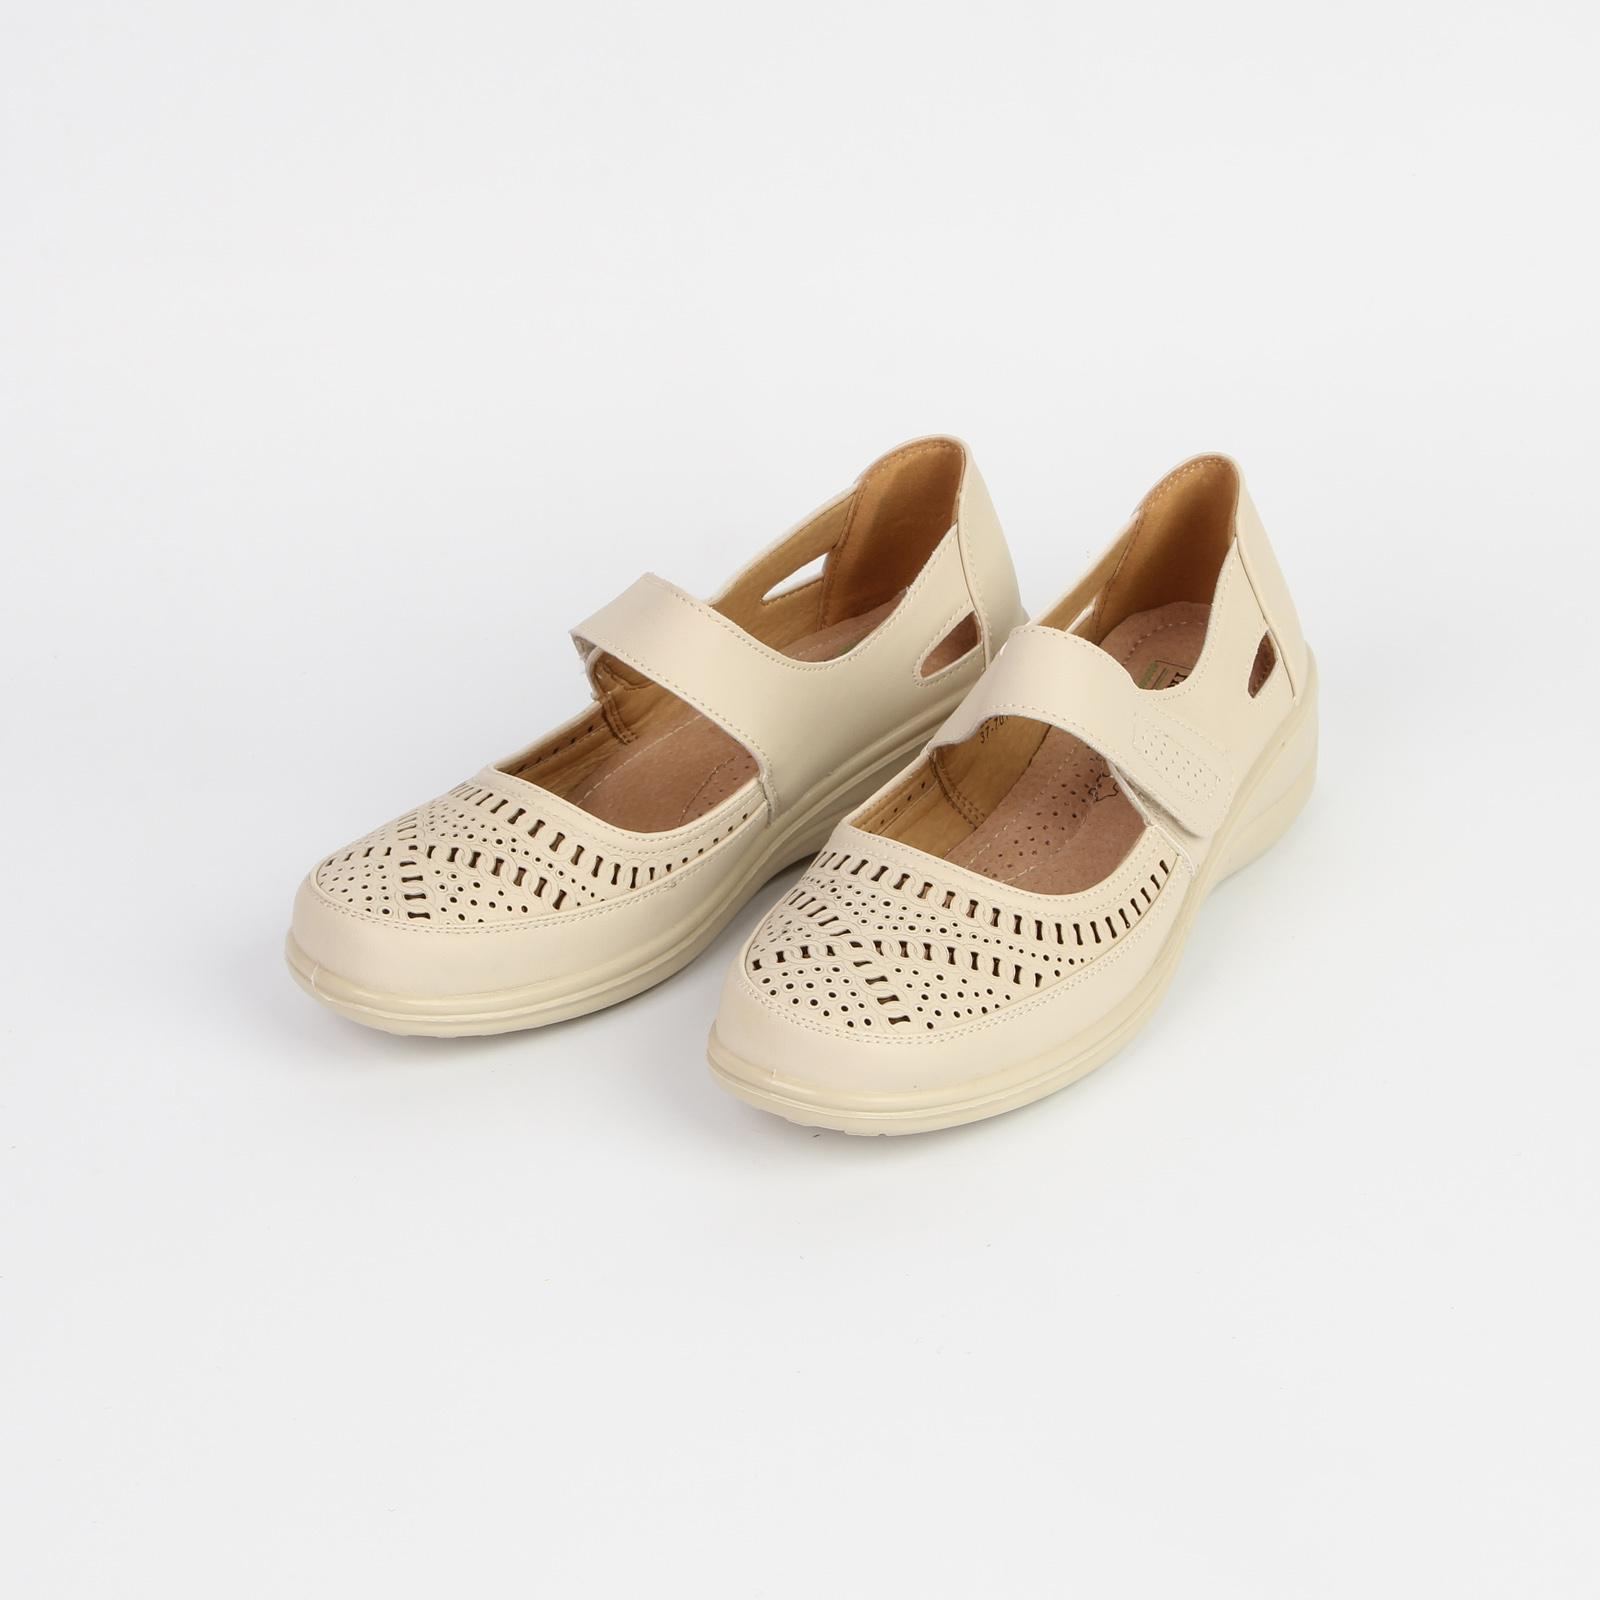 Туфли женские с ремешком на липучке и перфорацией на мысу